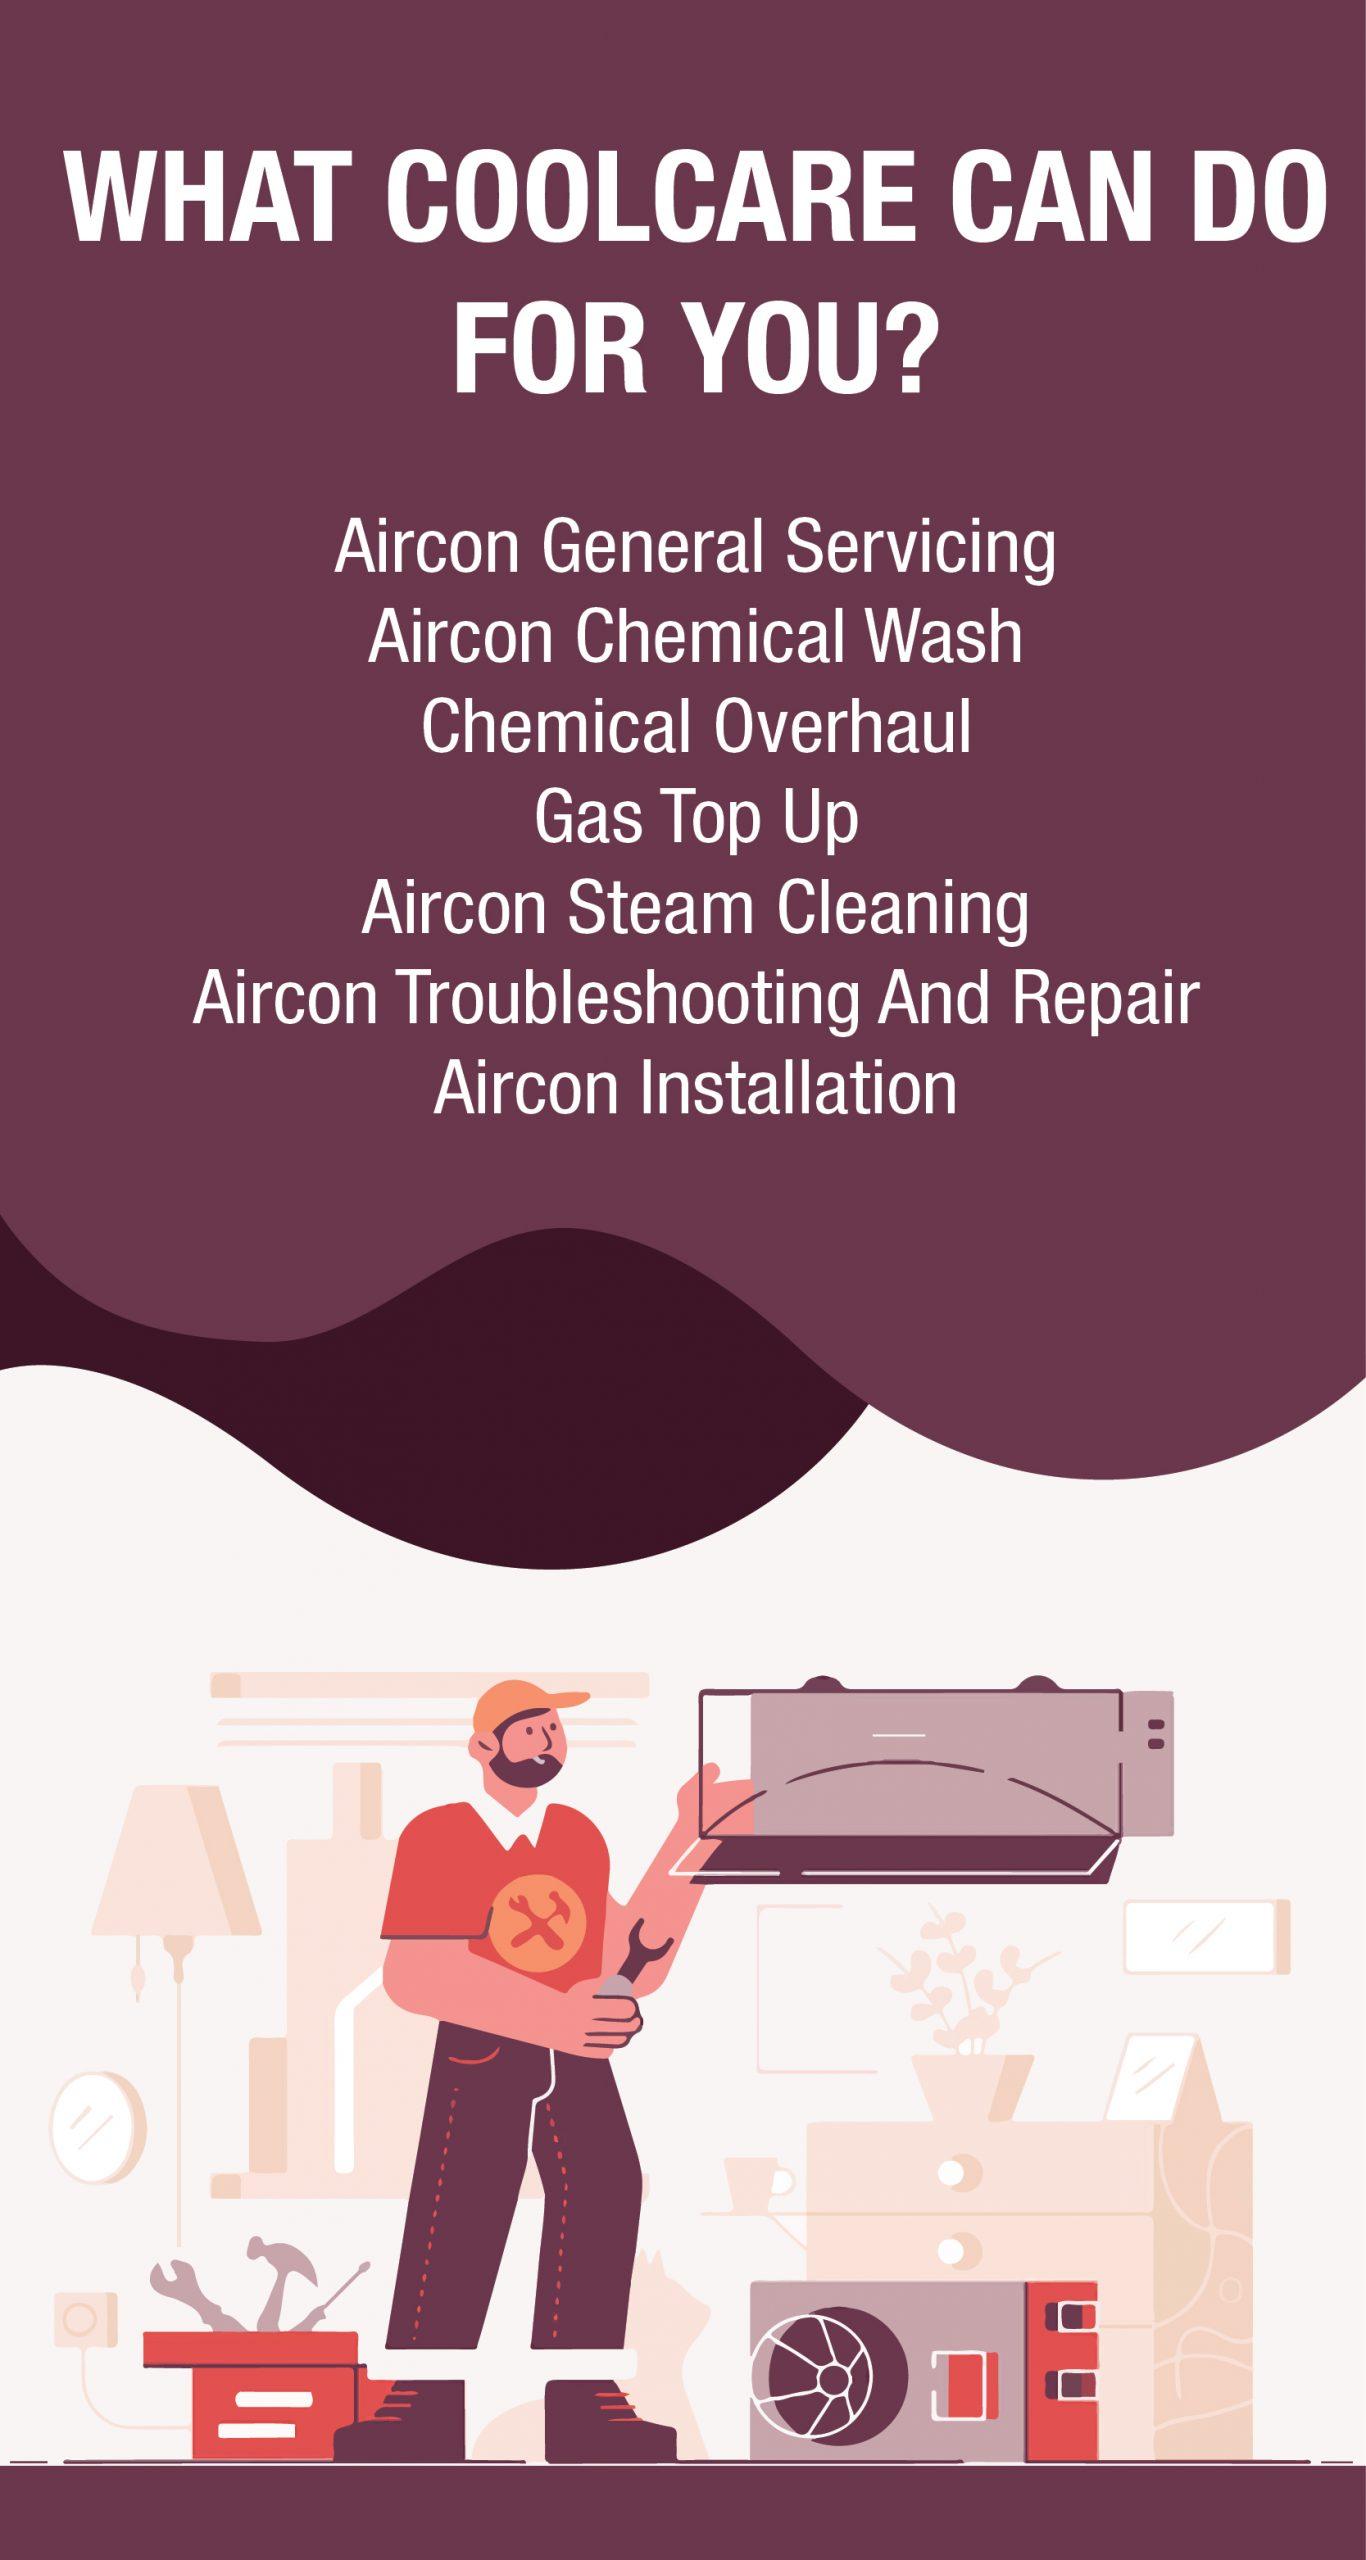 general aircon servicing